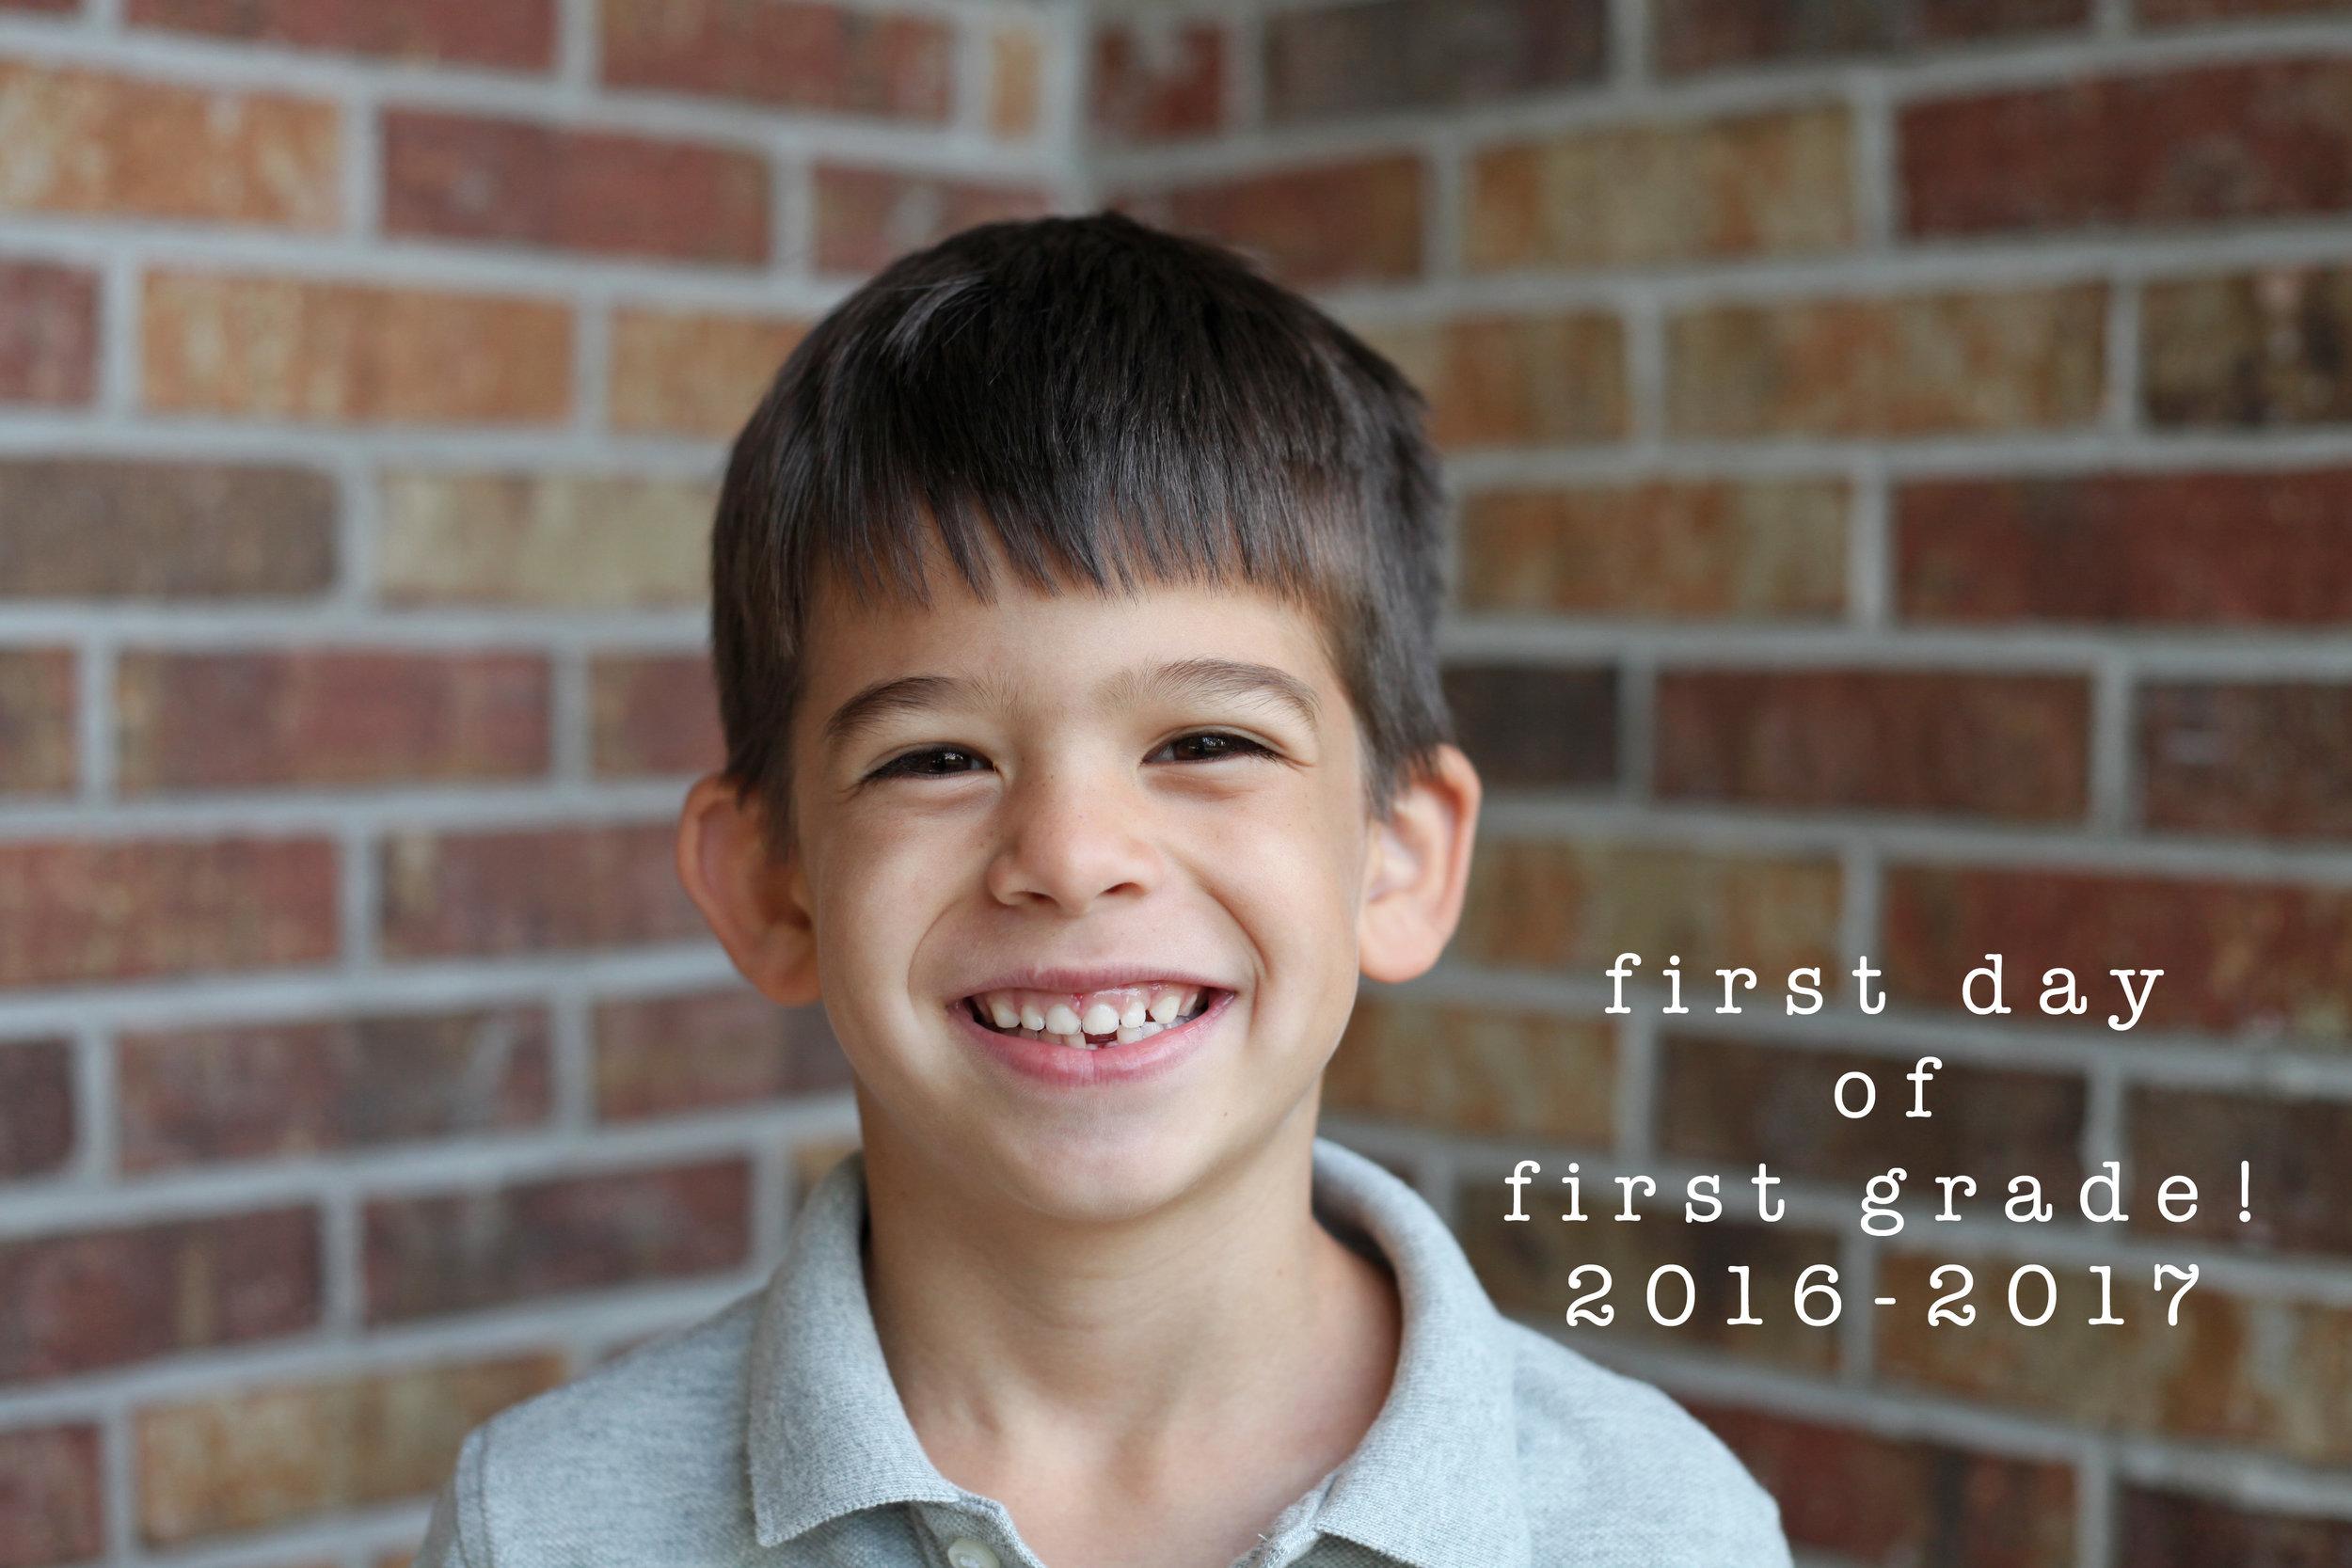 Koehn first grade.jpg